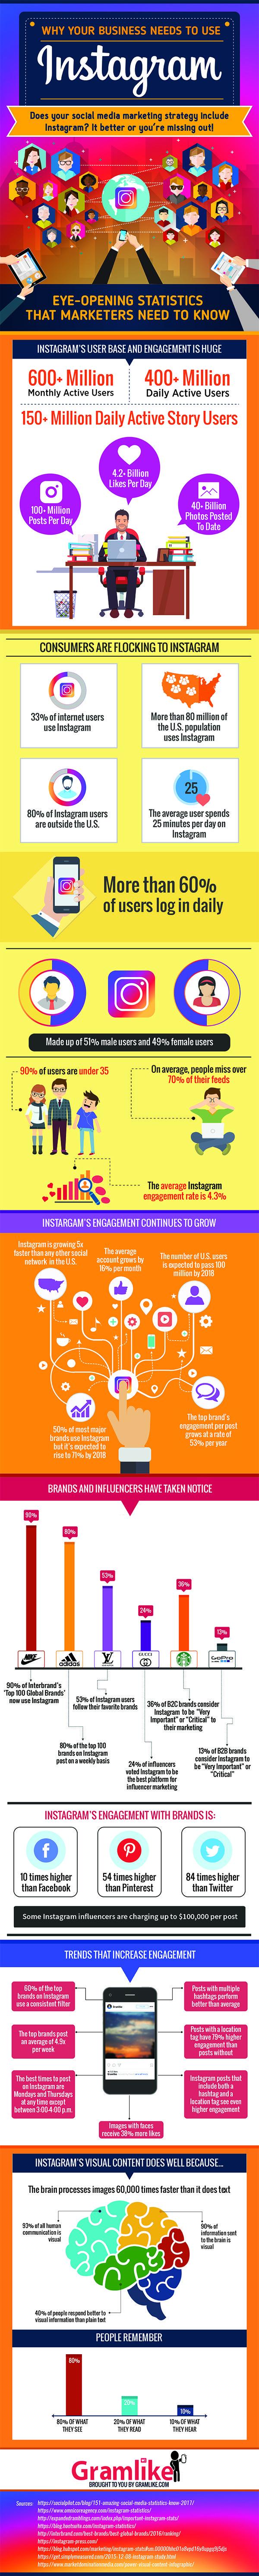 Gramlike Instagram Infographic